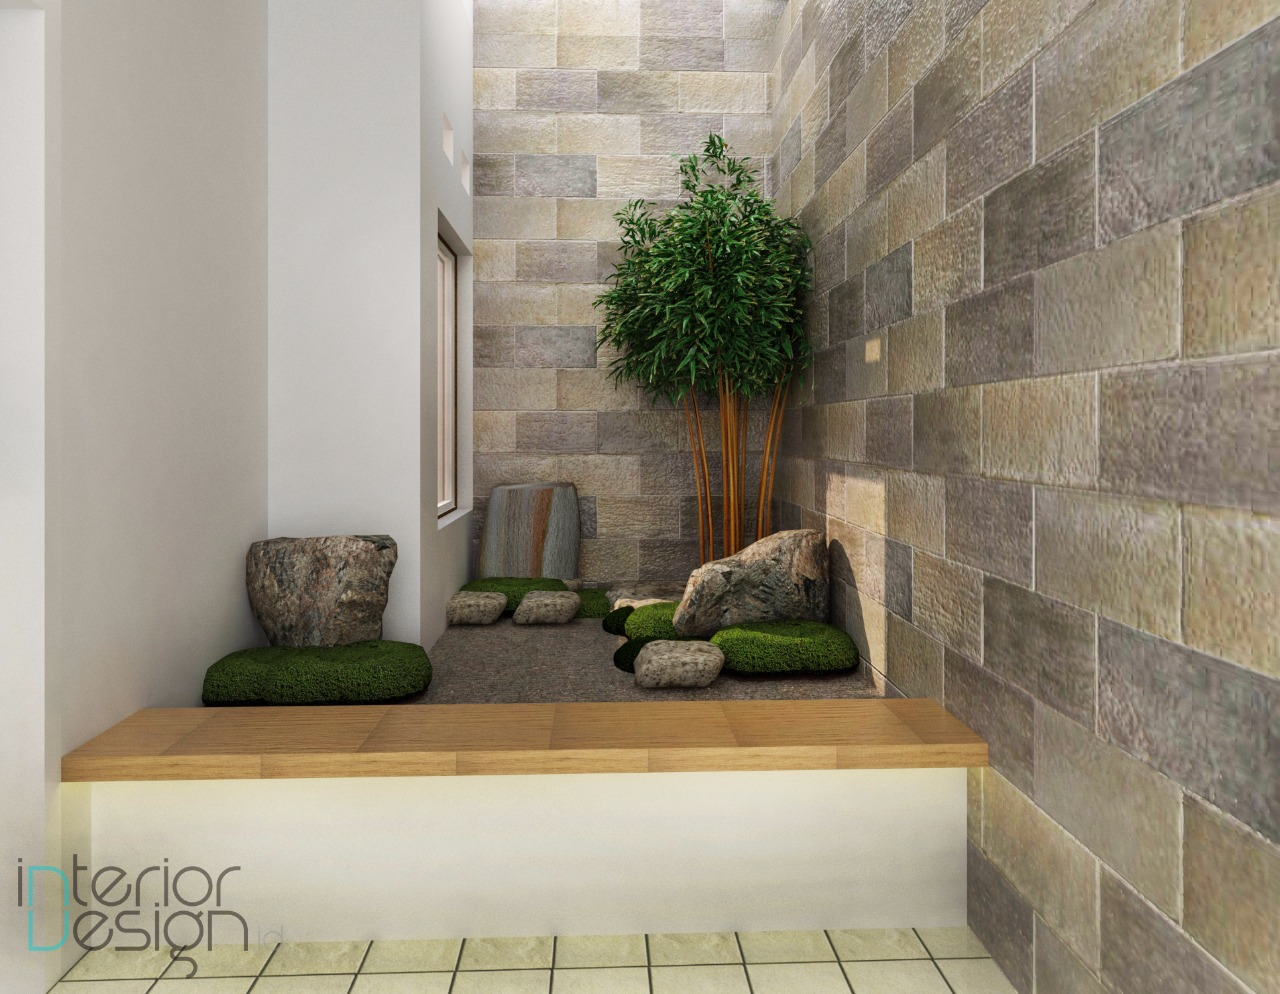 Jasa desain interior rumah bandung; rumah ibu elly sukabumi